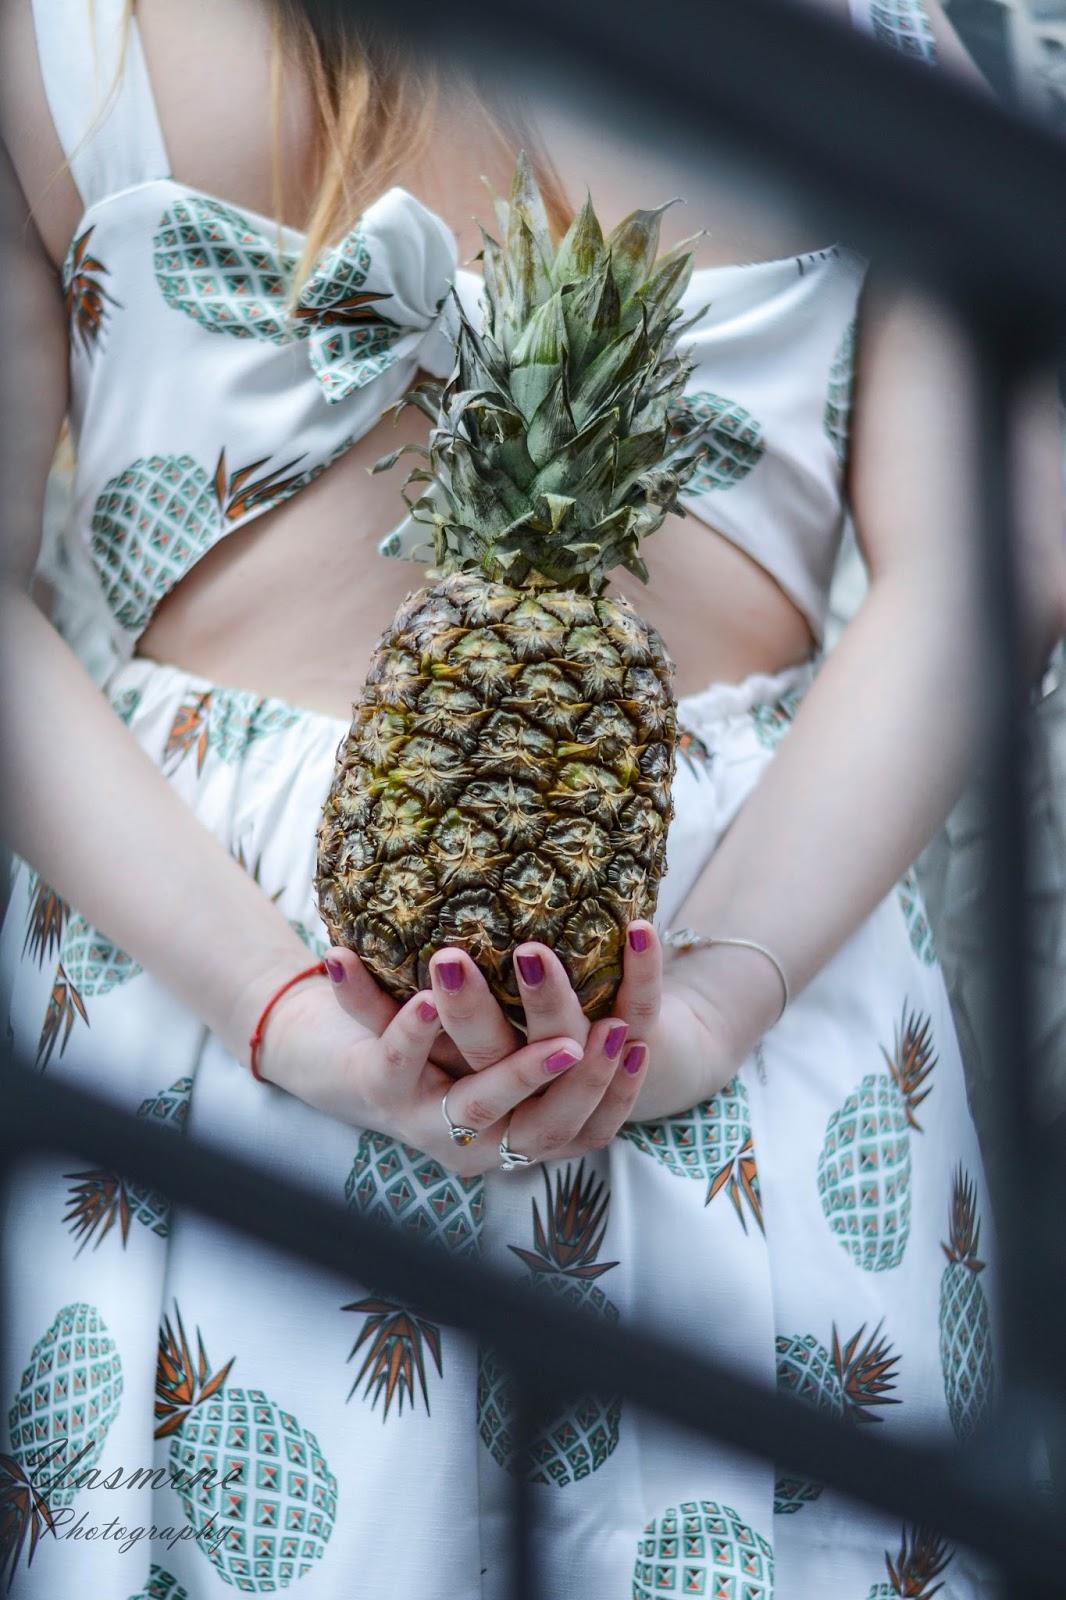 czy warto kupowac na stronach chińskich sklepów zaful sammydress dresslink sukienka w ananasy chińskie sklepy internetowe jakość pineapple dress fashion style melodylaniella yasmine photography p